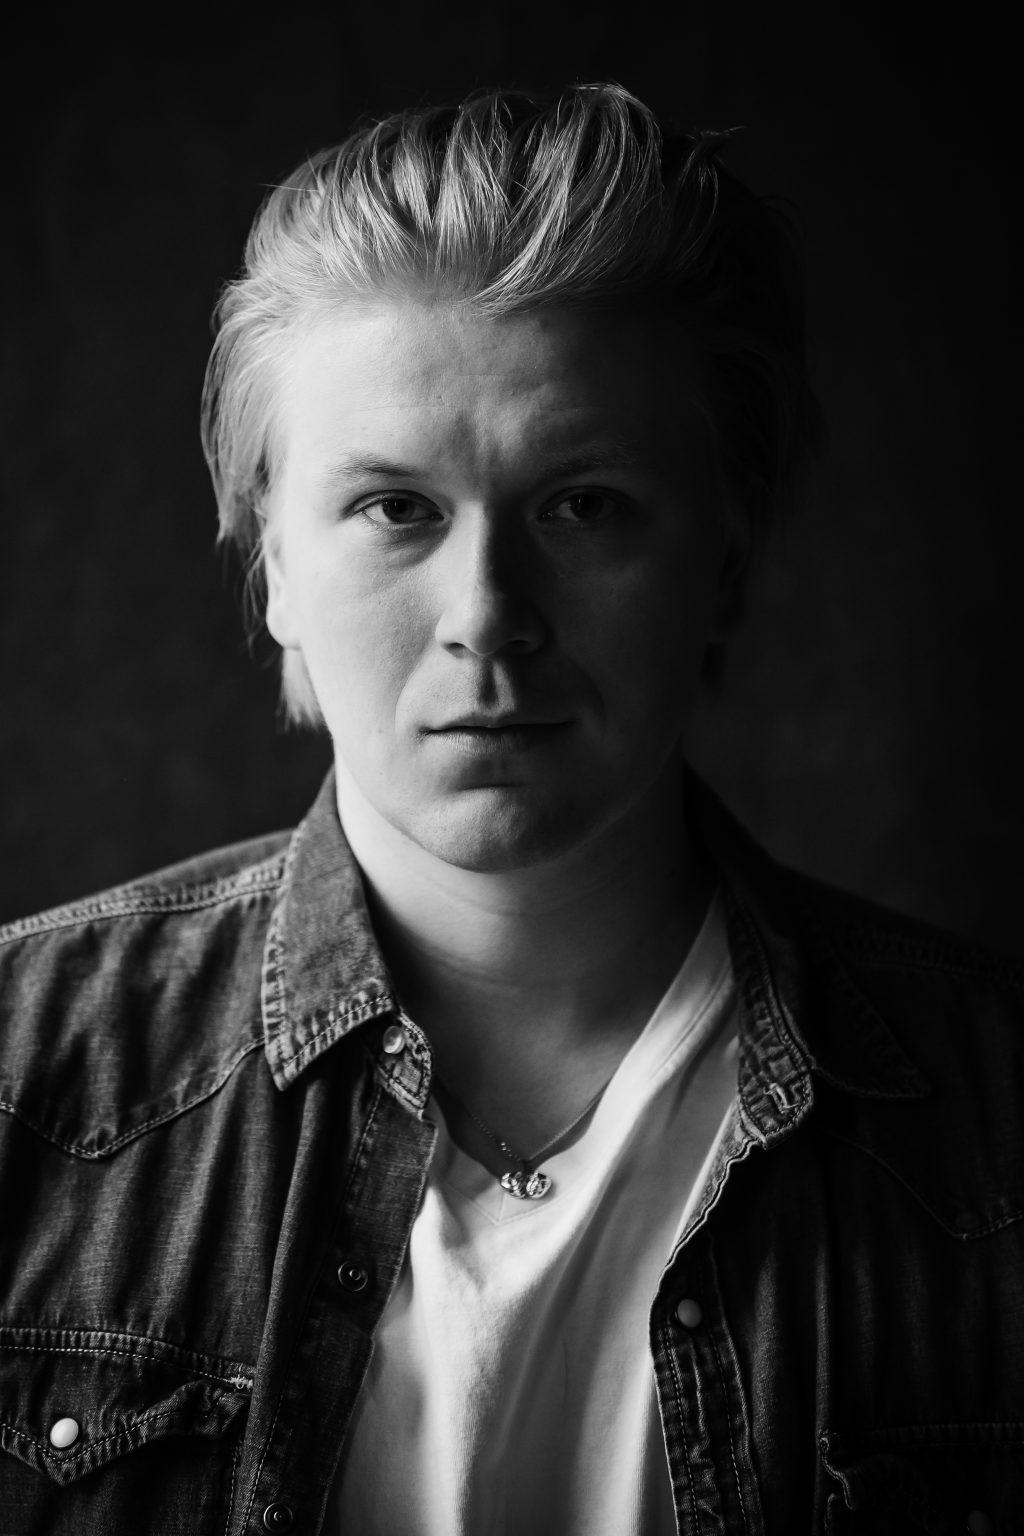 näyttelijä Sampsa Timoskainen